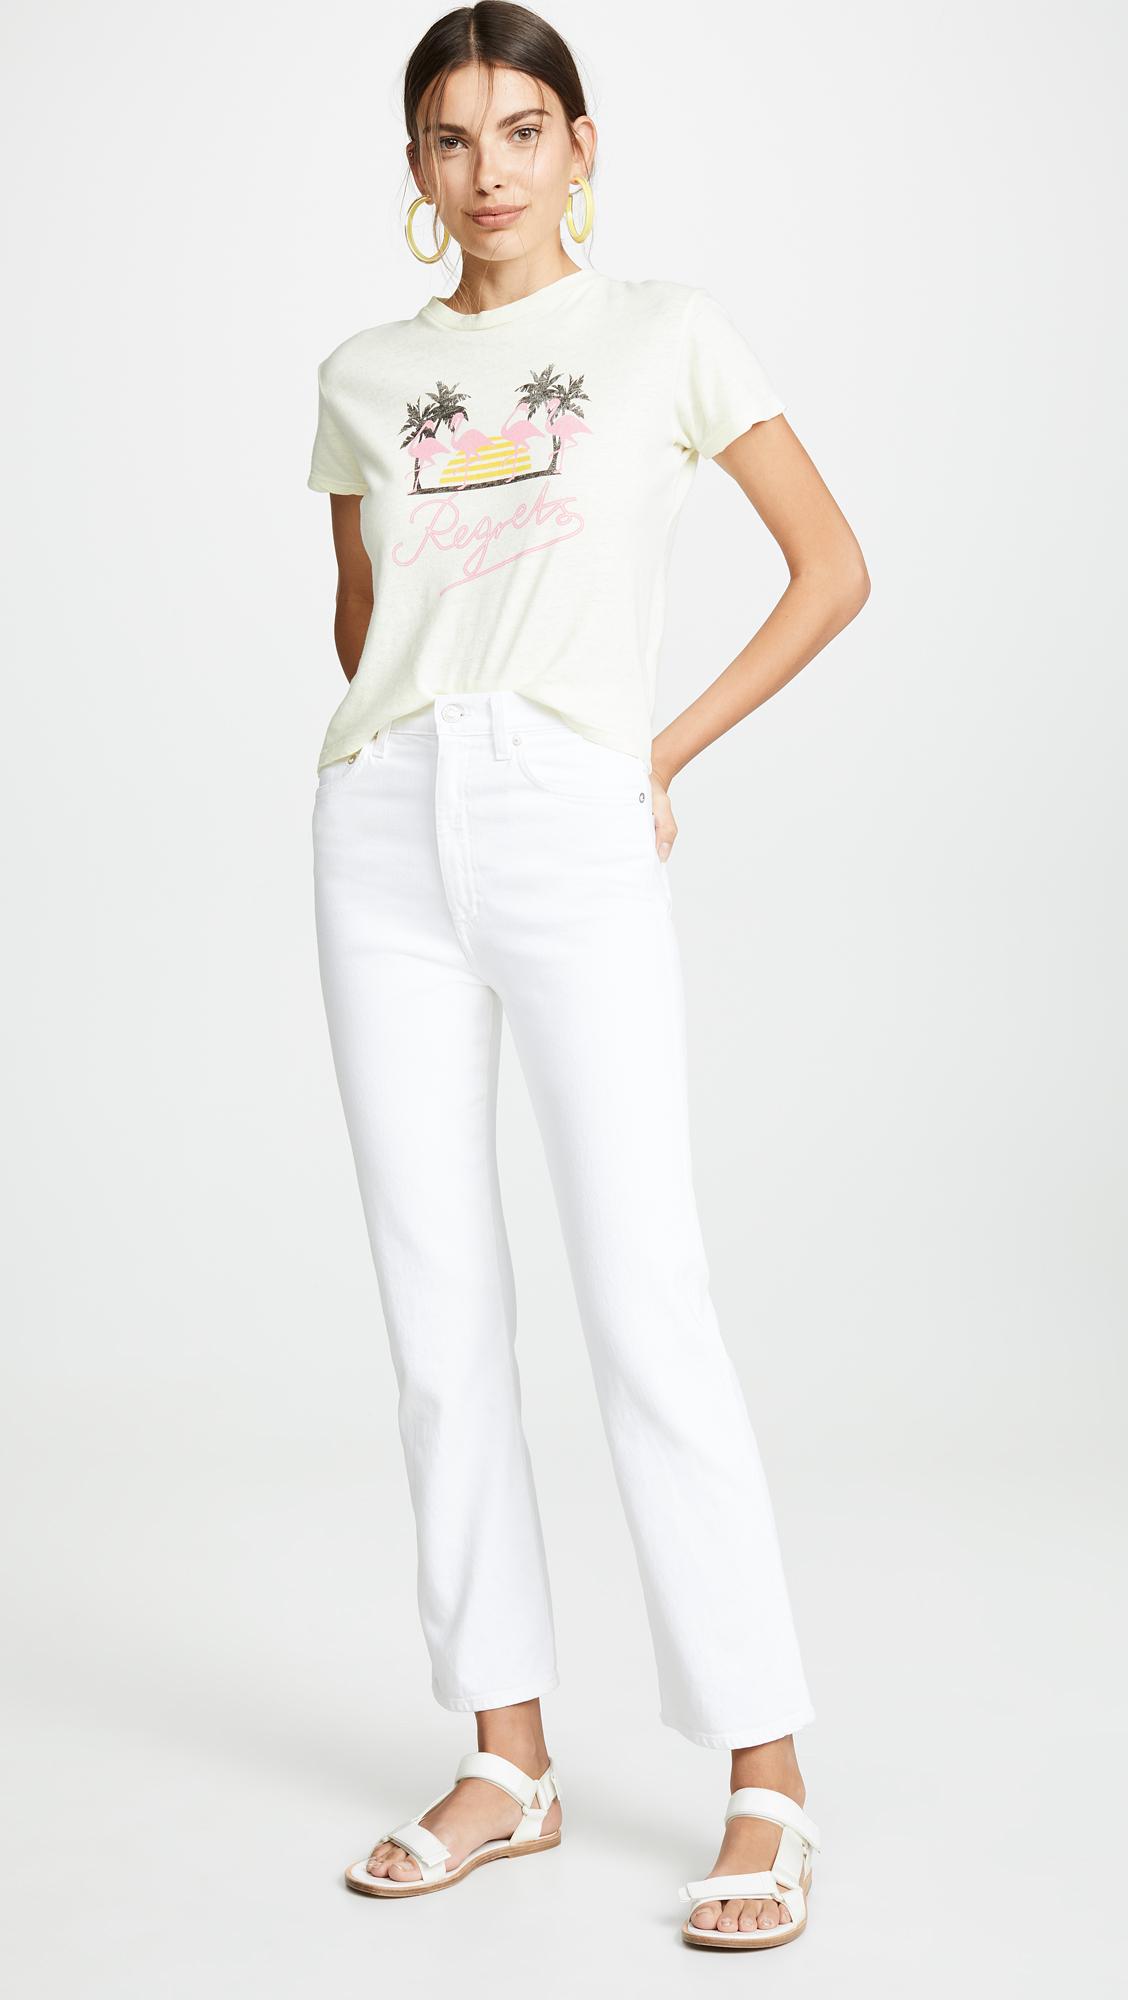 Pinch-Waist Jeans sind einer der schmeichelhaftesten Denim-Styles im Angebot | STYLECASTER